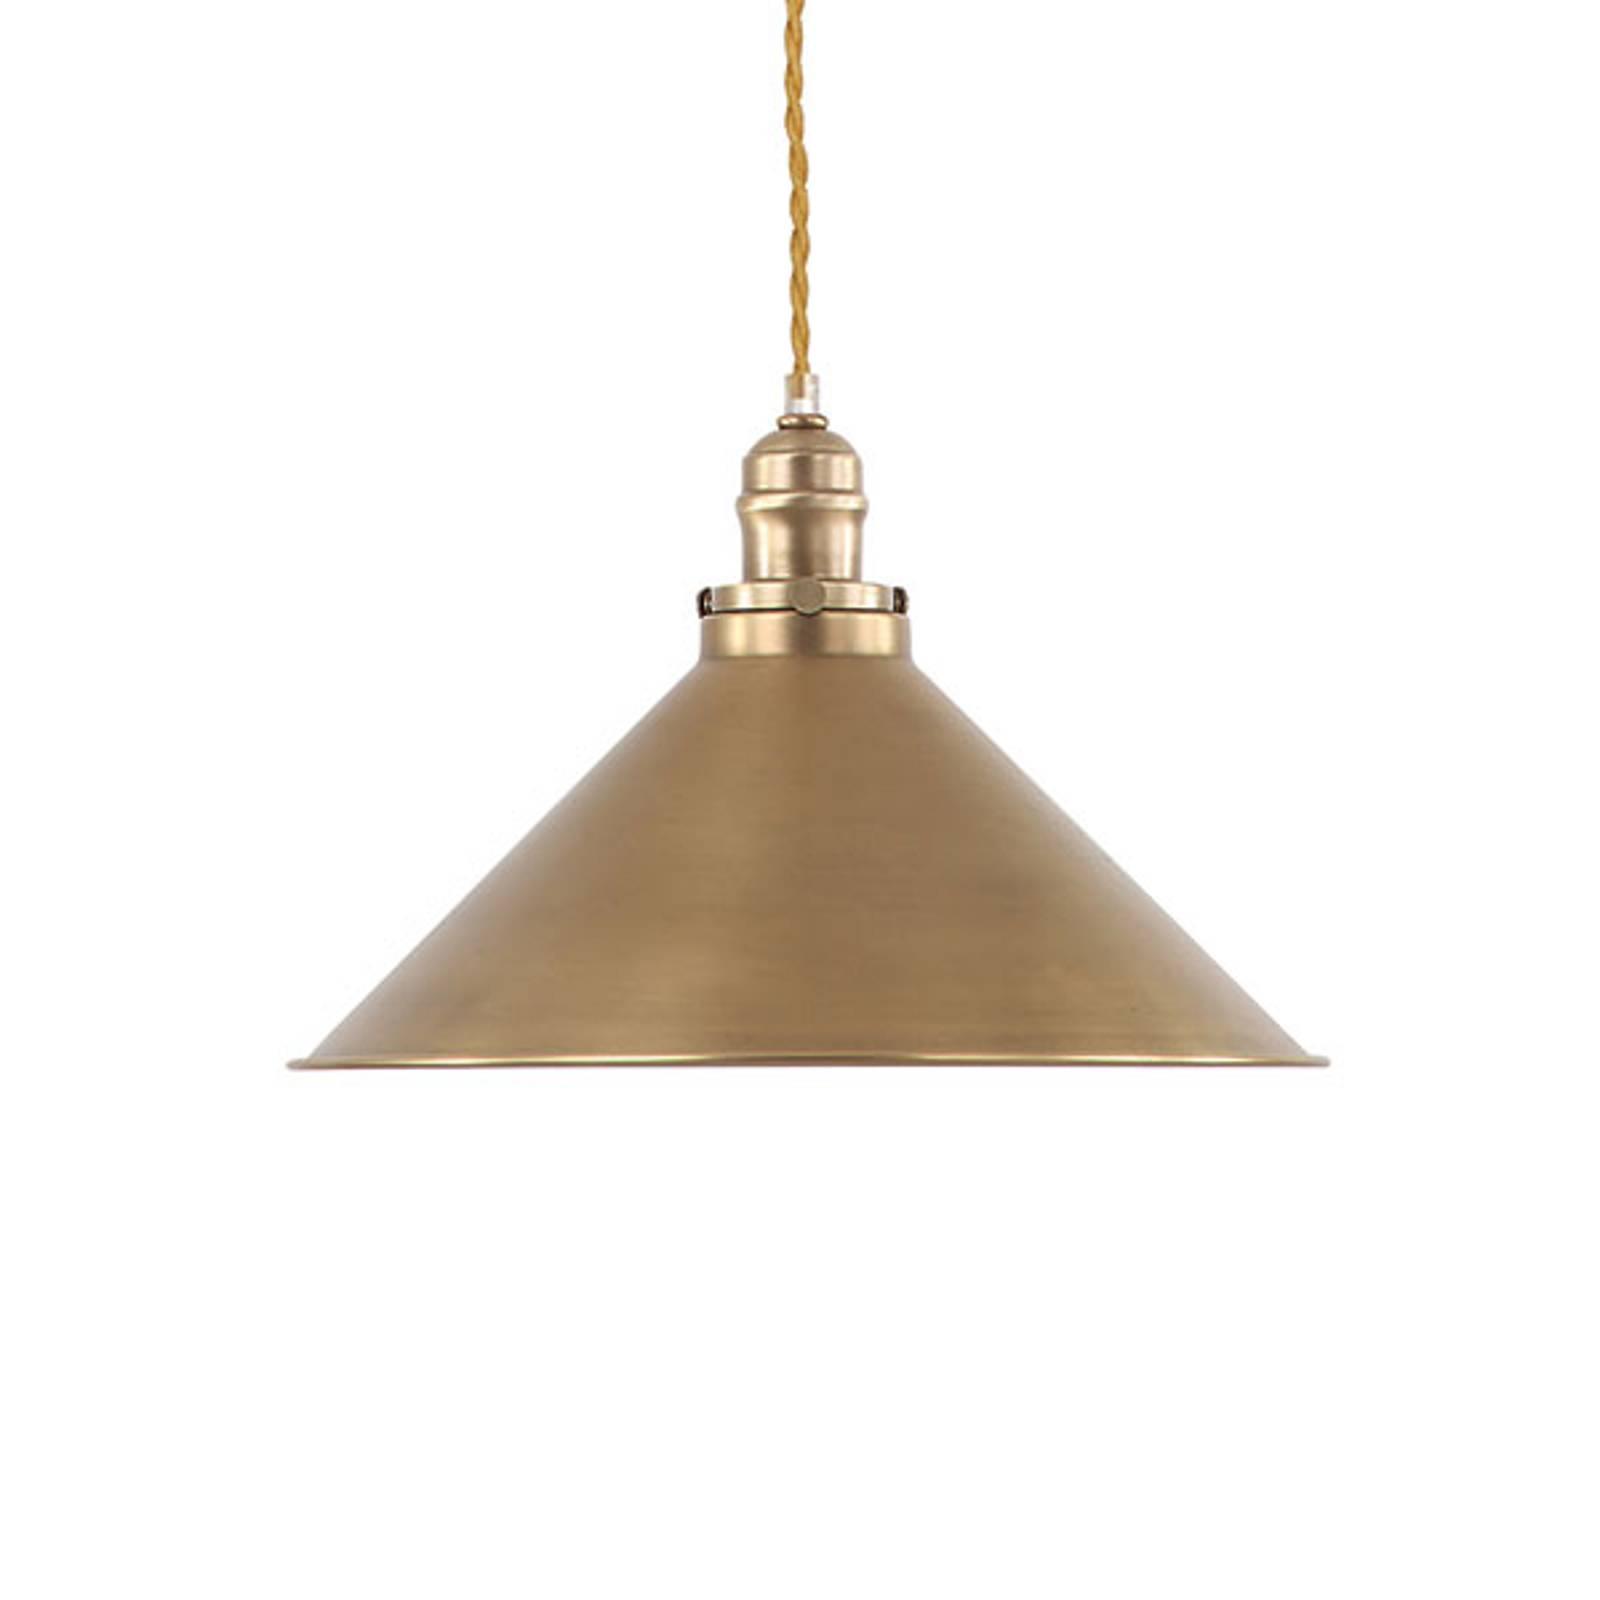 Hanglamp Provence, messing antiek